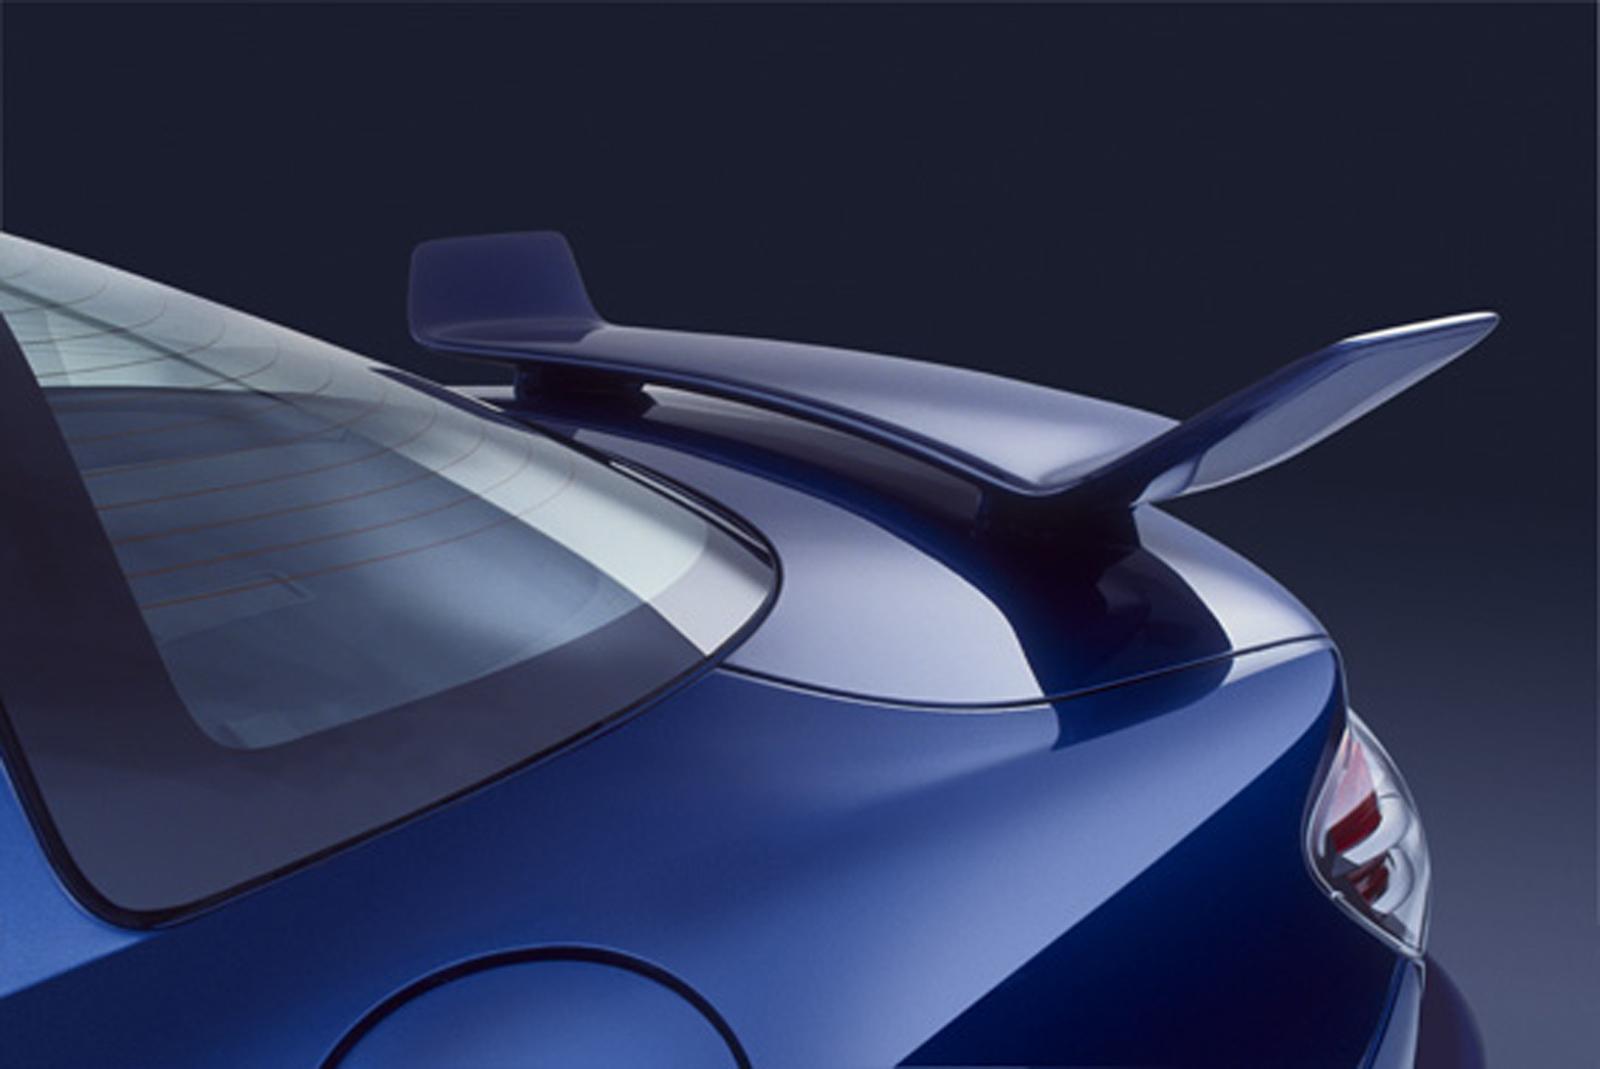 https://www.automobilesreview.com/gallery/2003-mazda-rx8-xmen/2003-mazda-rx8-xmen-04.jpg